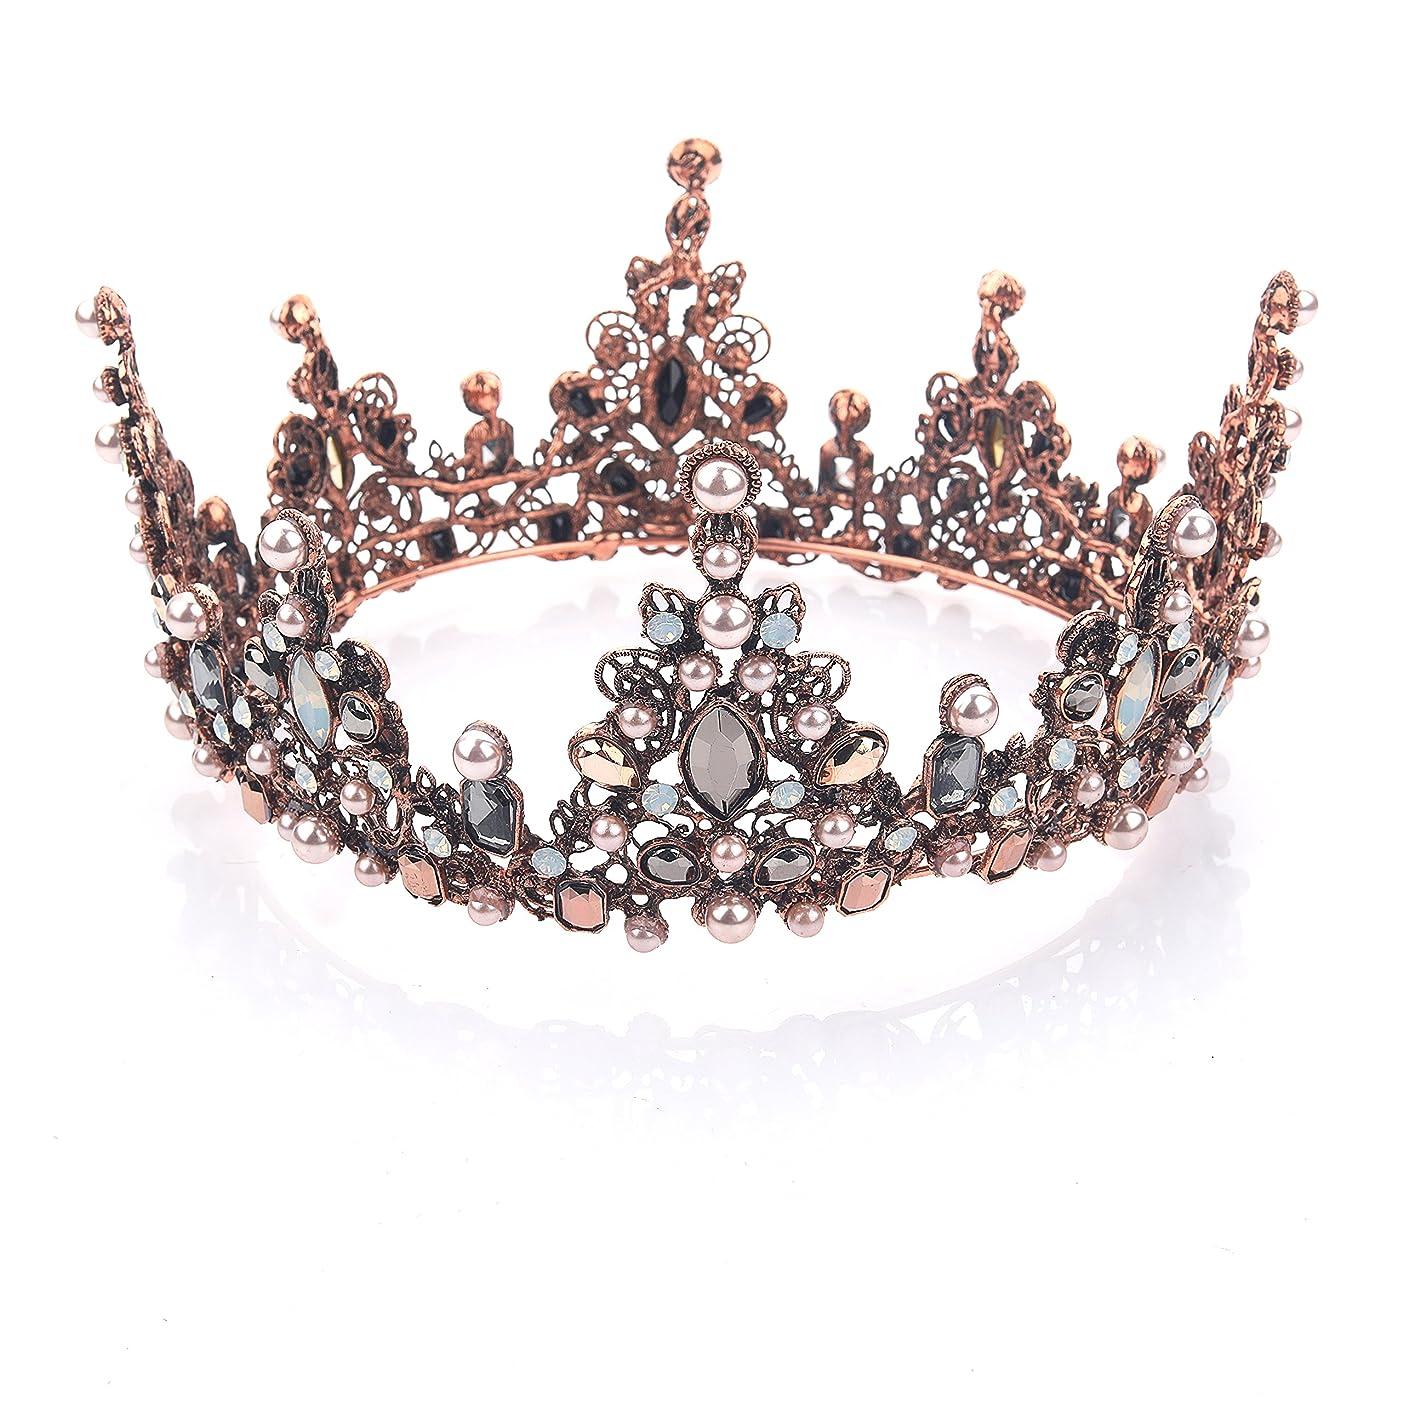 Yeanティアラ 王冠 おうかん クラウン ヘアアクセサリー ゴールド レディース ガールズ 女性 プリンセス 結婚式 ウェディング 花嫁 披露宴 パーティー (Color-04)